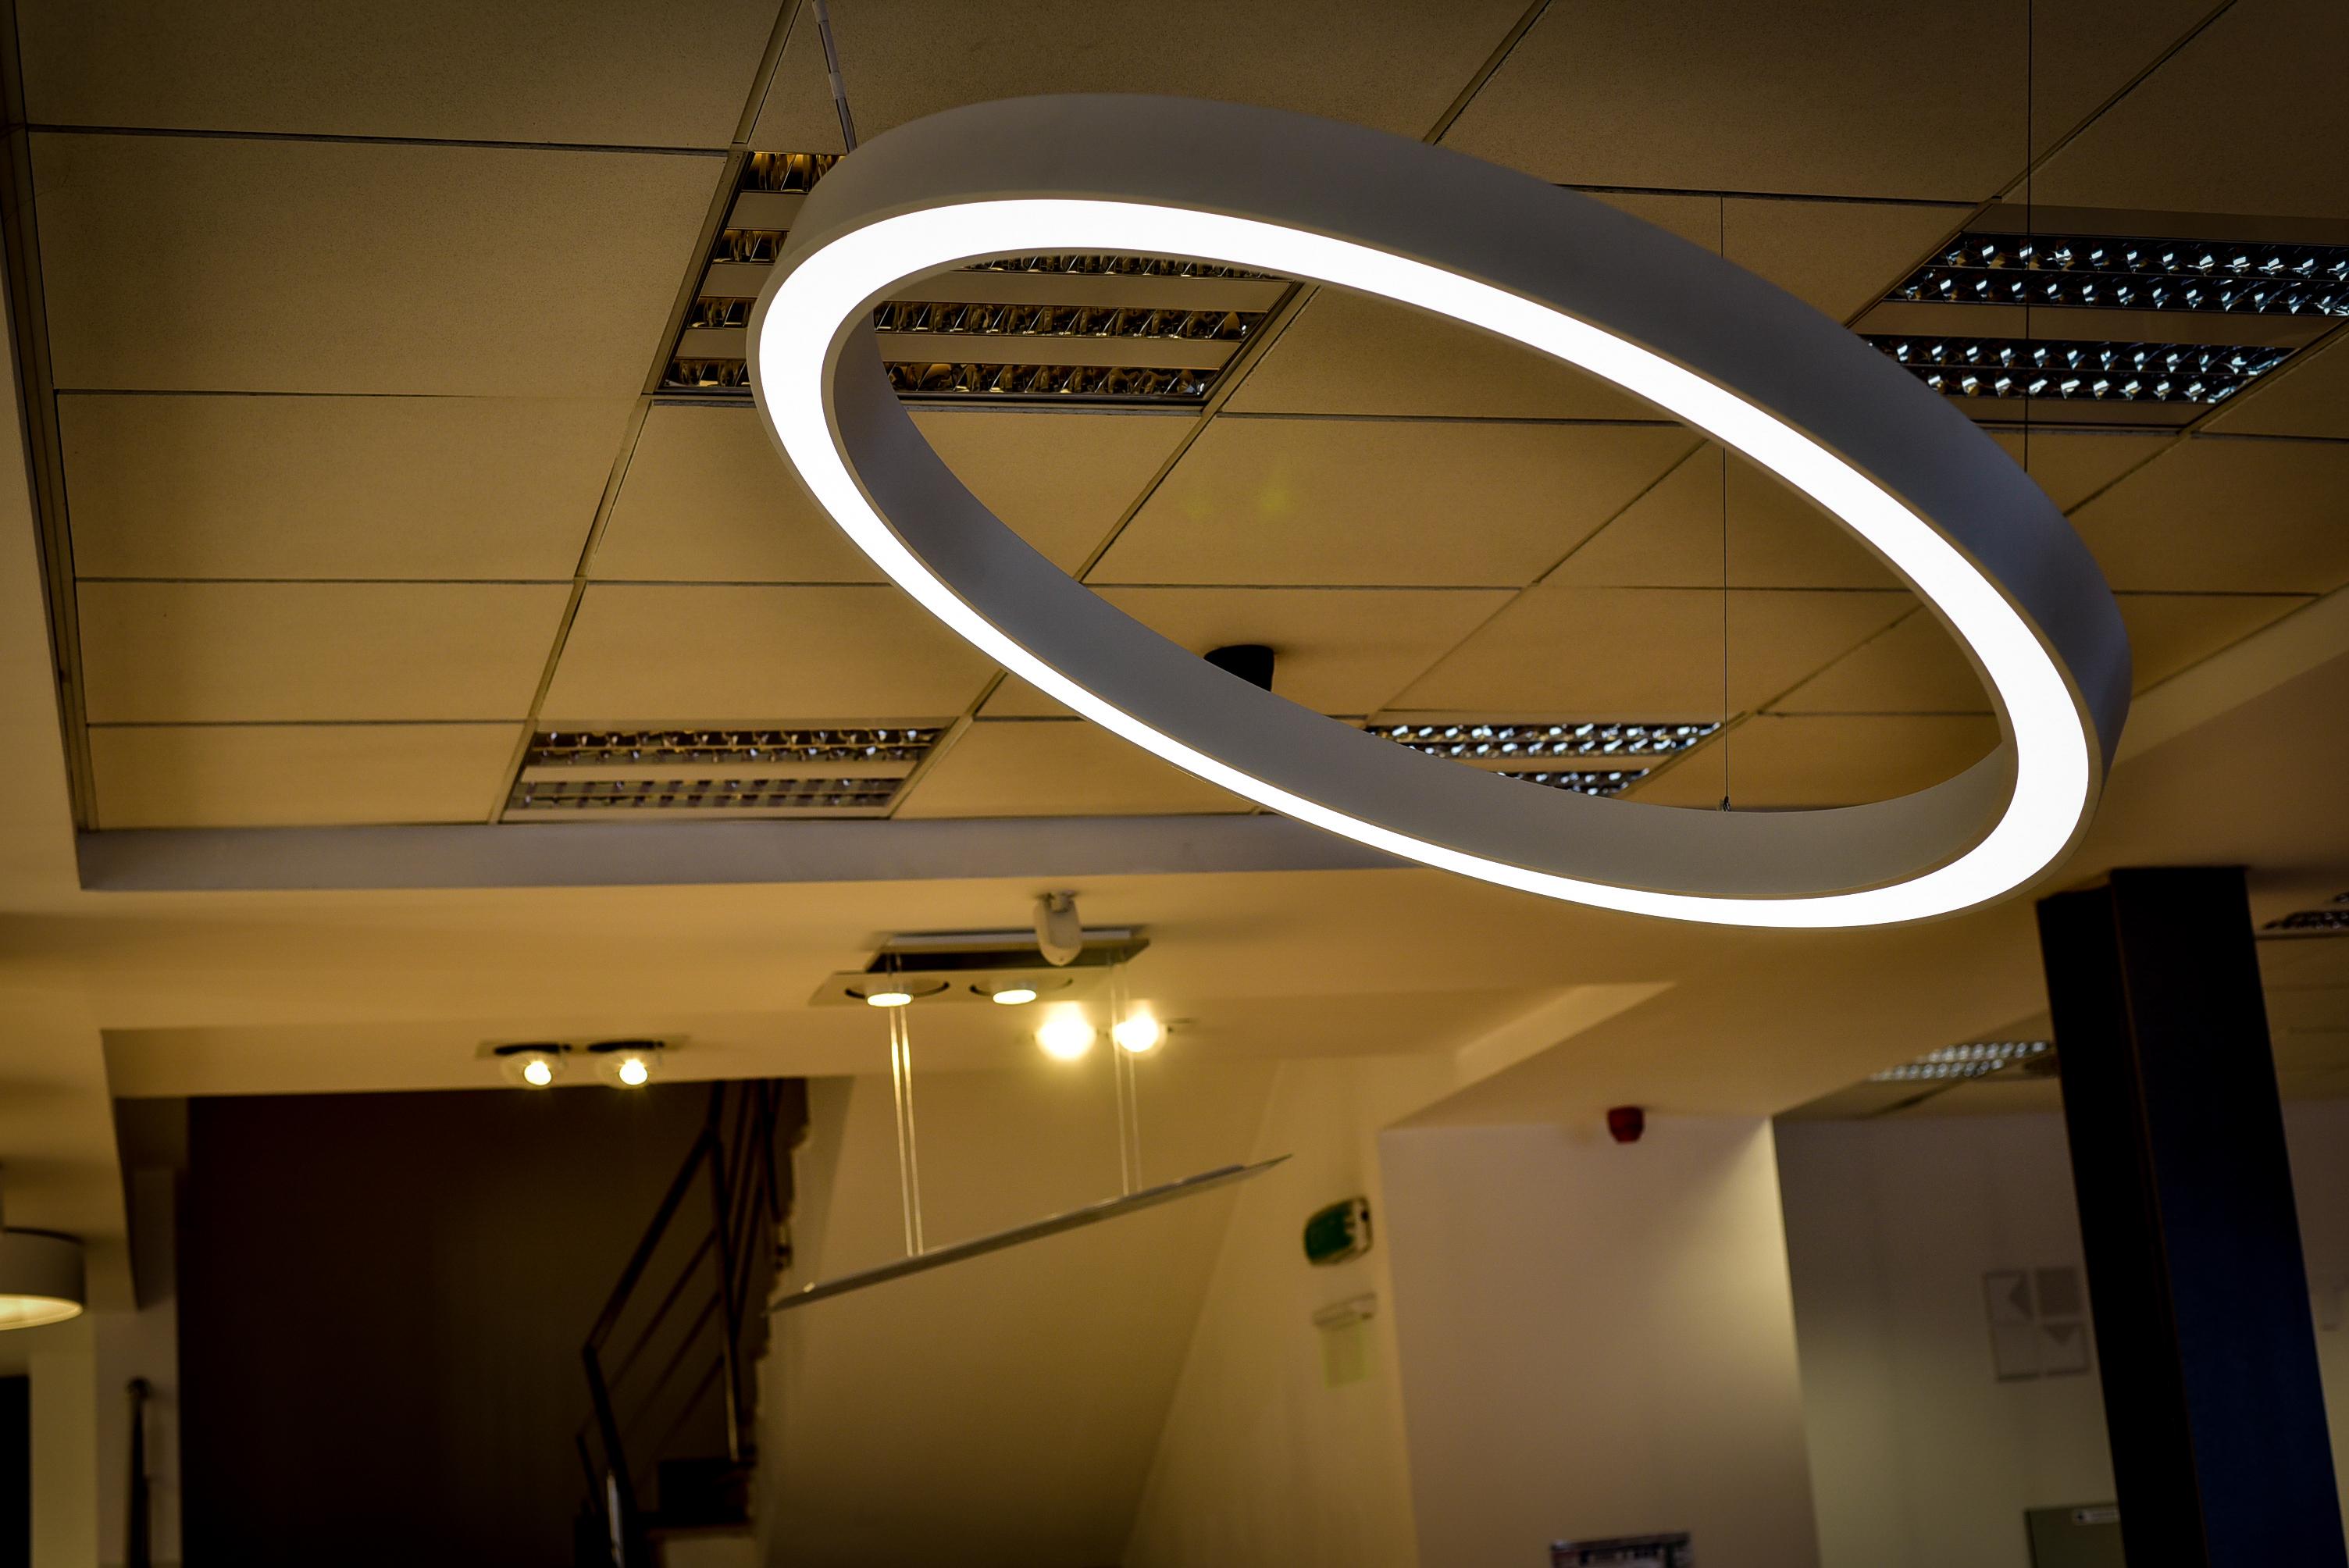 VEM 3 vem VEM Proiect Lighting ne lumineaza pentru a fi eficienti VEM 3